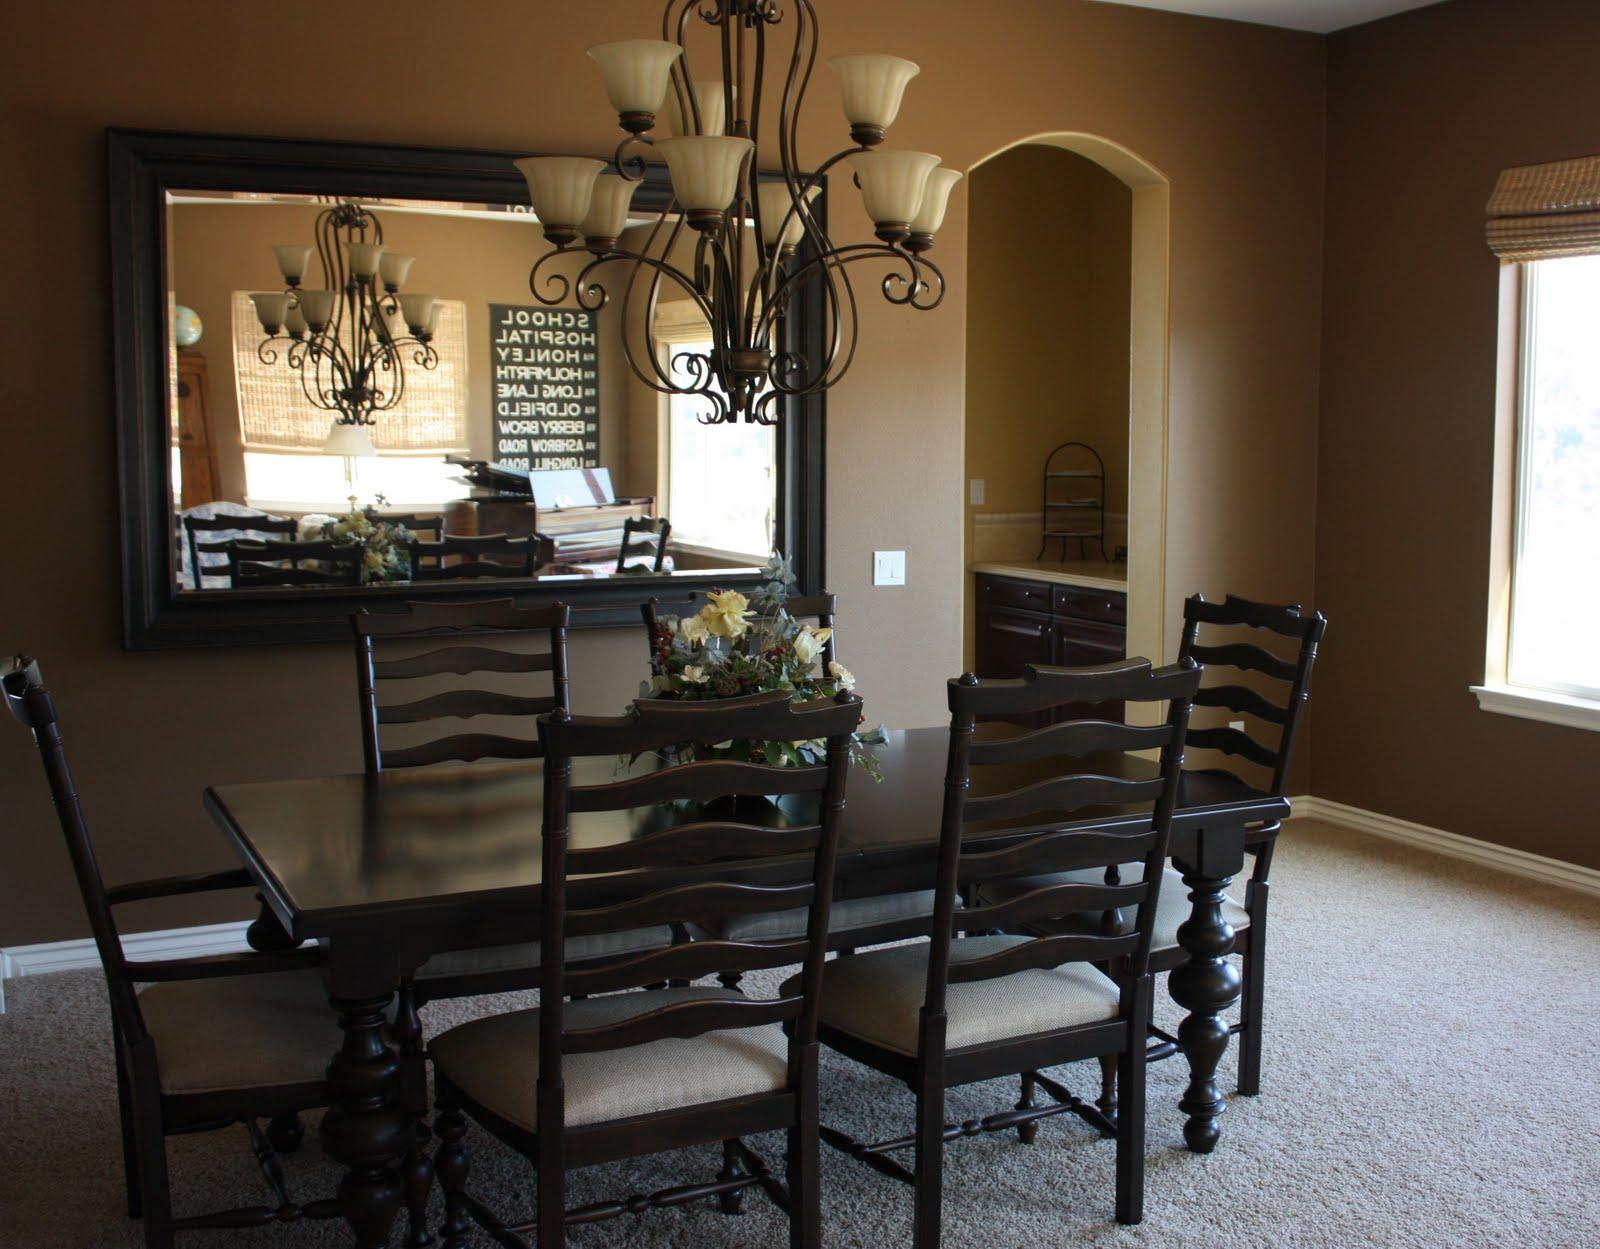 Decoracion mesa comedor decoracion de interiores - Decoracion mesa comedor ...